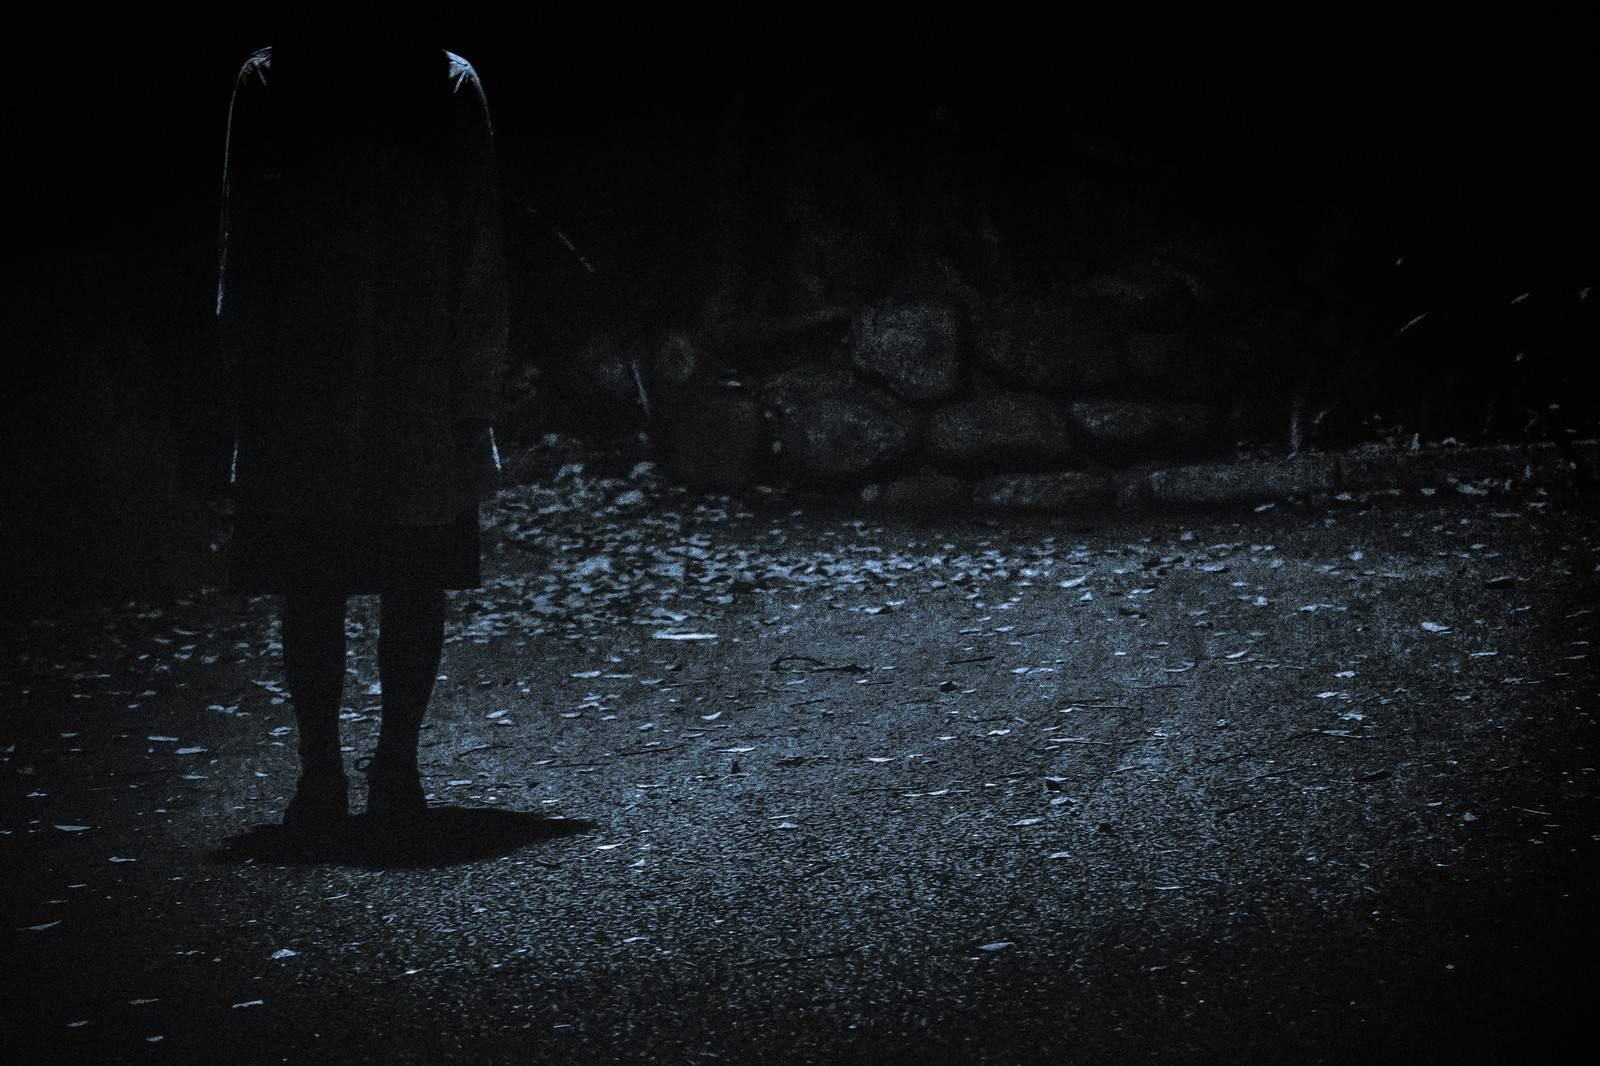 時空にまつわる不思議な体験『最も暗かった日』など短編全5話